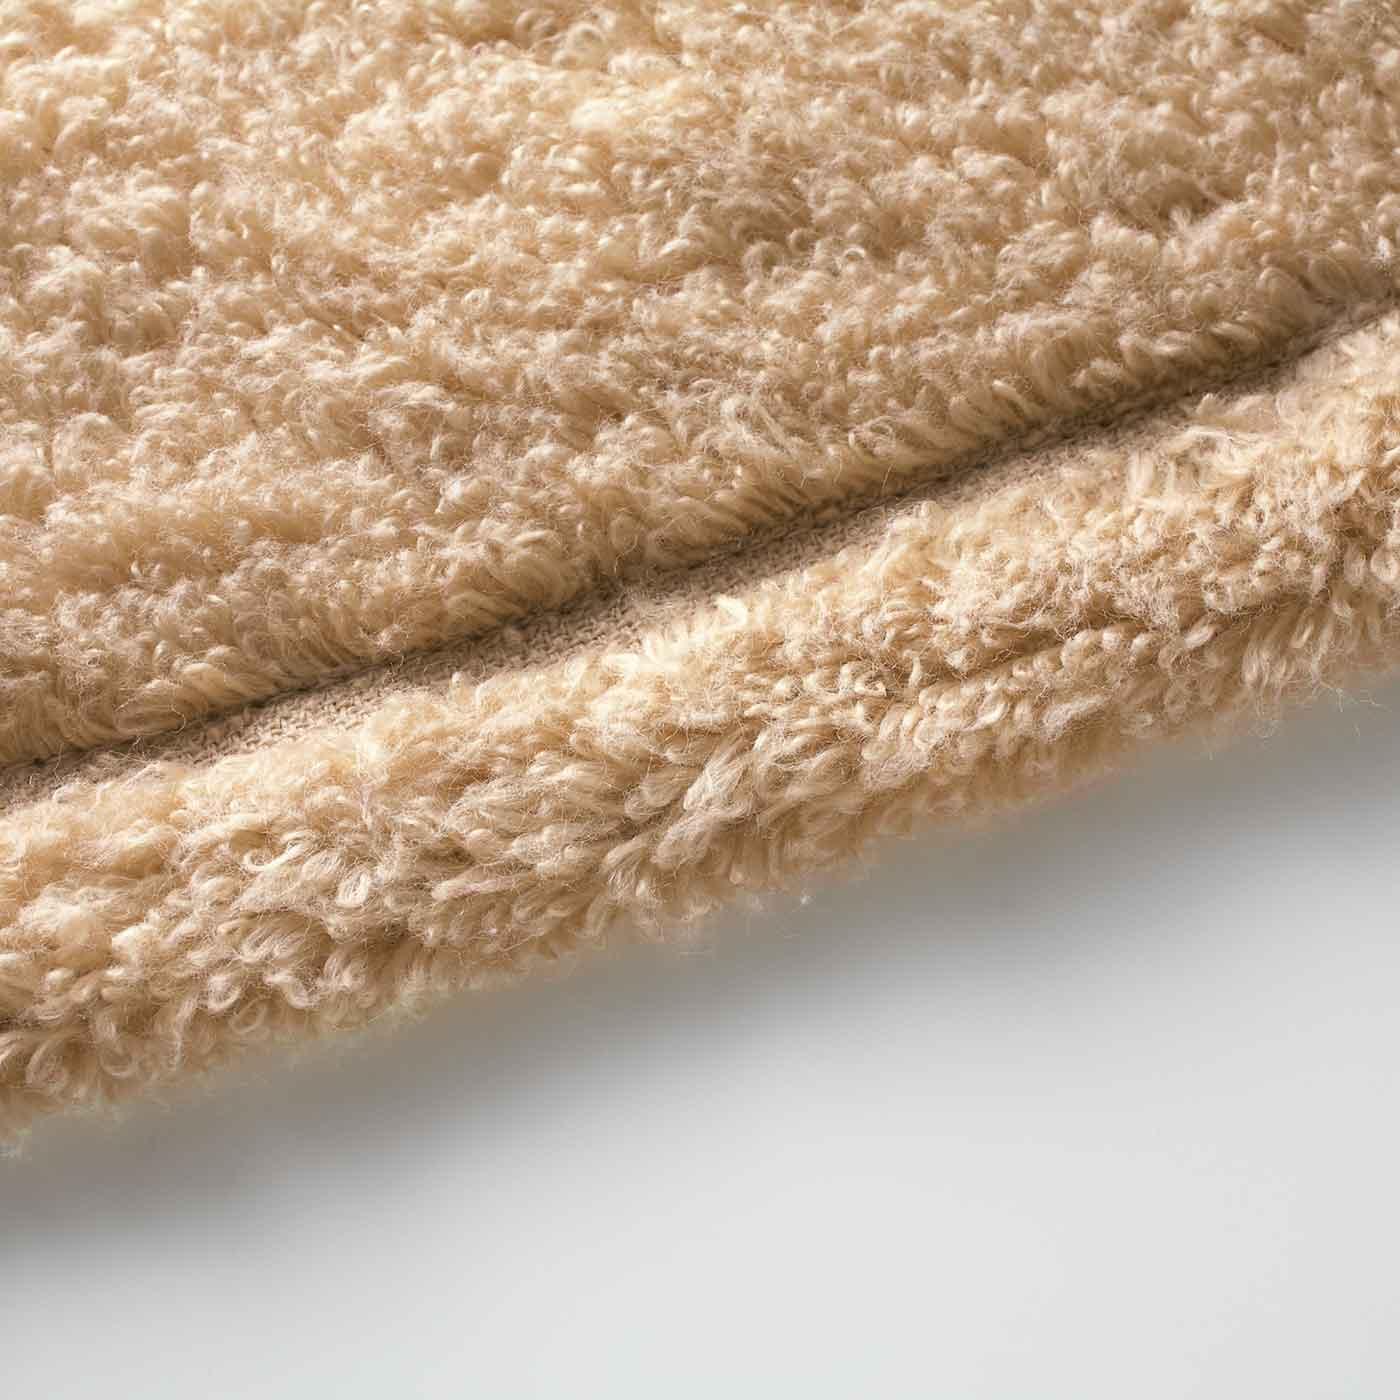 端までとってもやわらか。あえて刺しゅうや織りネームを付けずに細部まで使い心地にこだわりました。